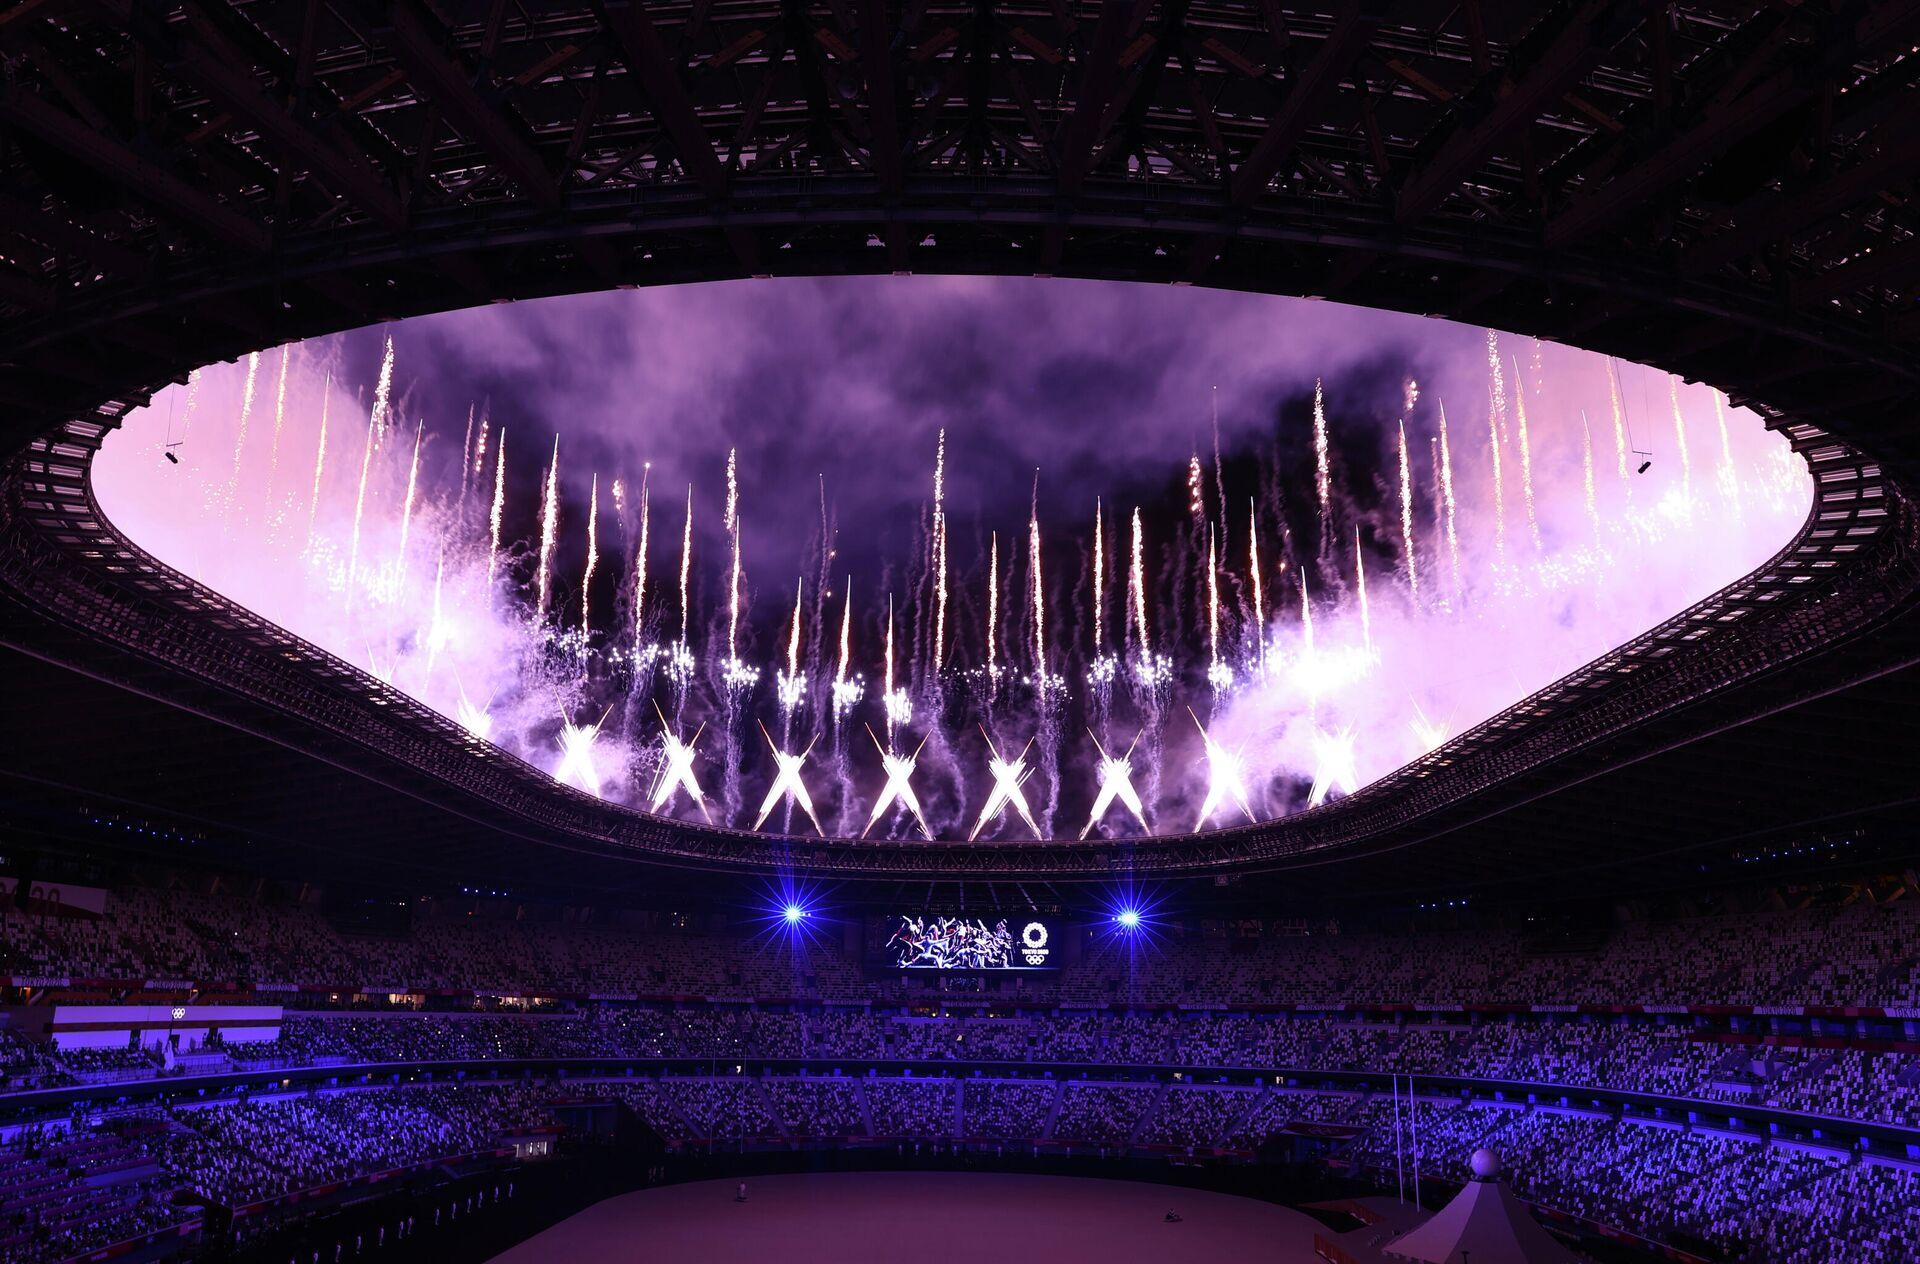 Церемония открытия Олимпийских игр началась в Токио - Sputnik Беларусь, 1920, 23.07.2021